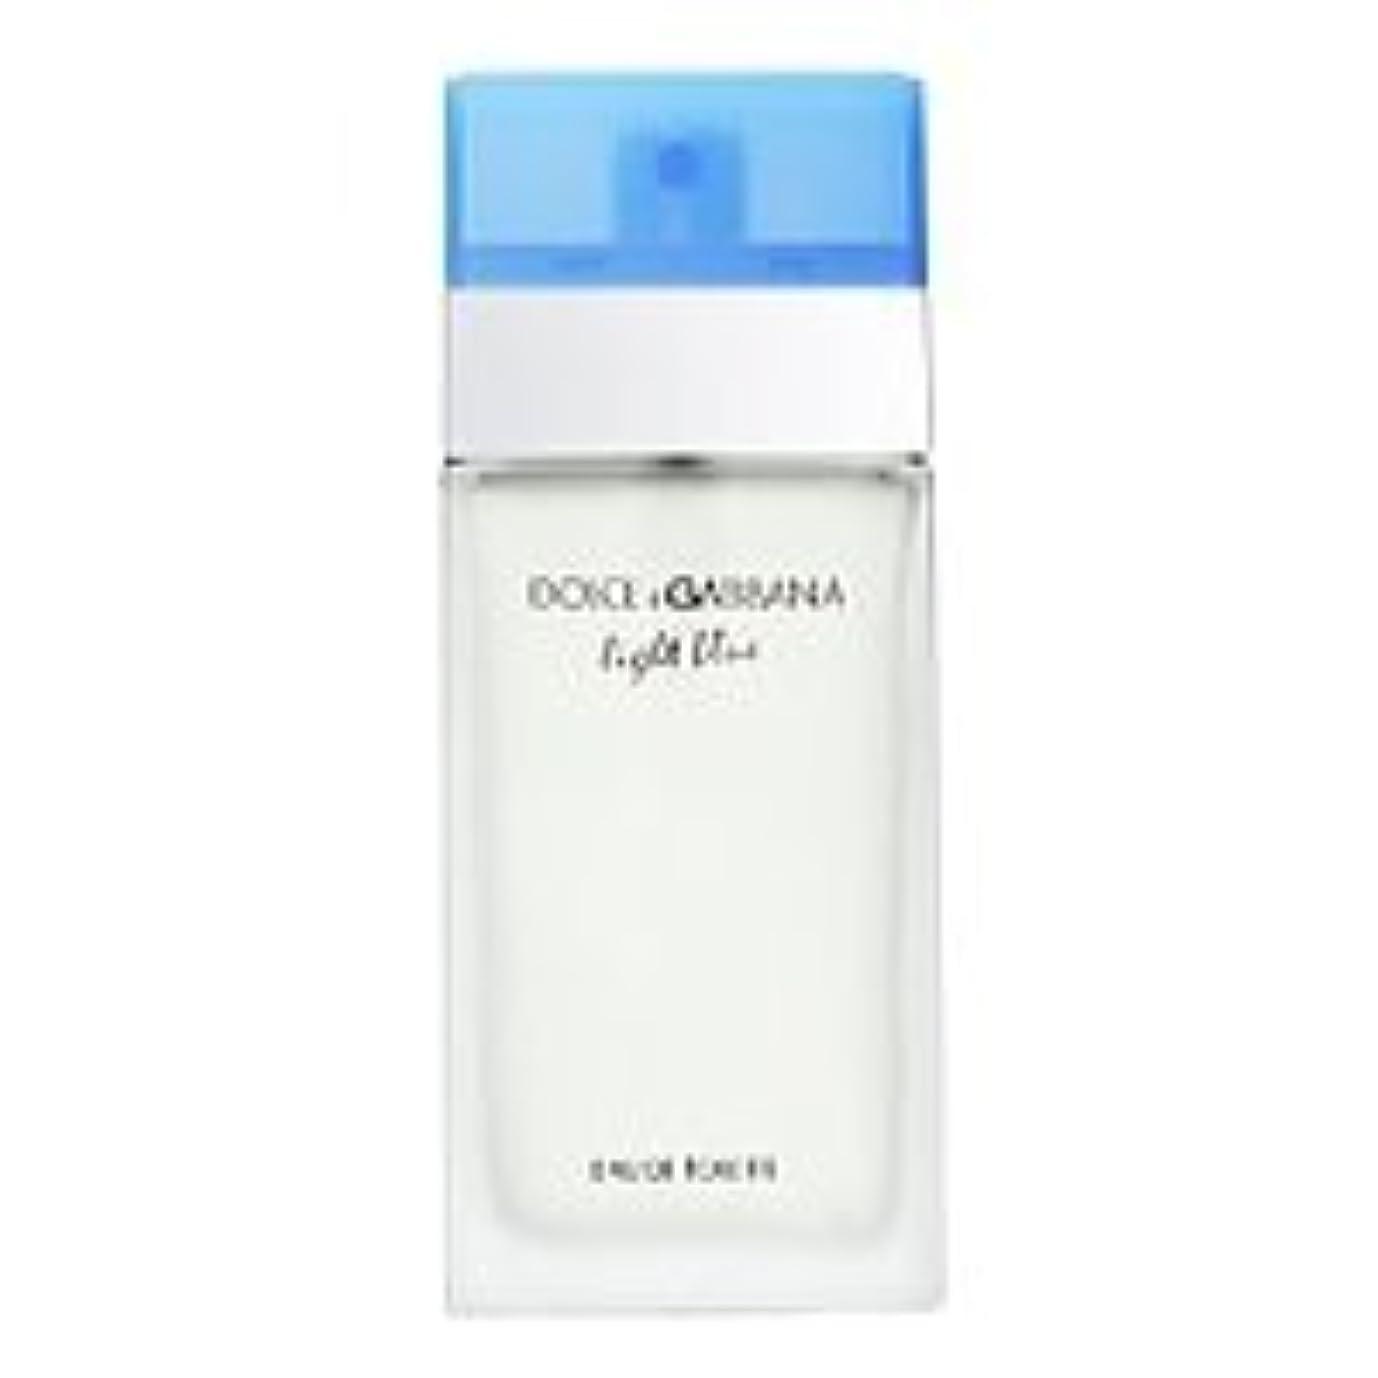 ここにファシズムフルーツドルチェ&ガッバーナ 香水 ライトブルー EDT SP 50ml 【並行輸入品】